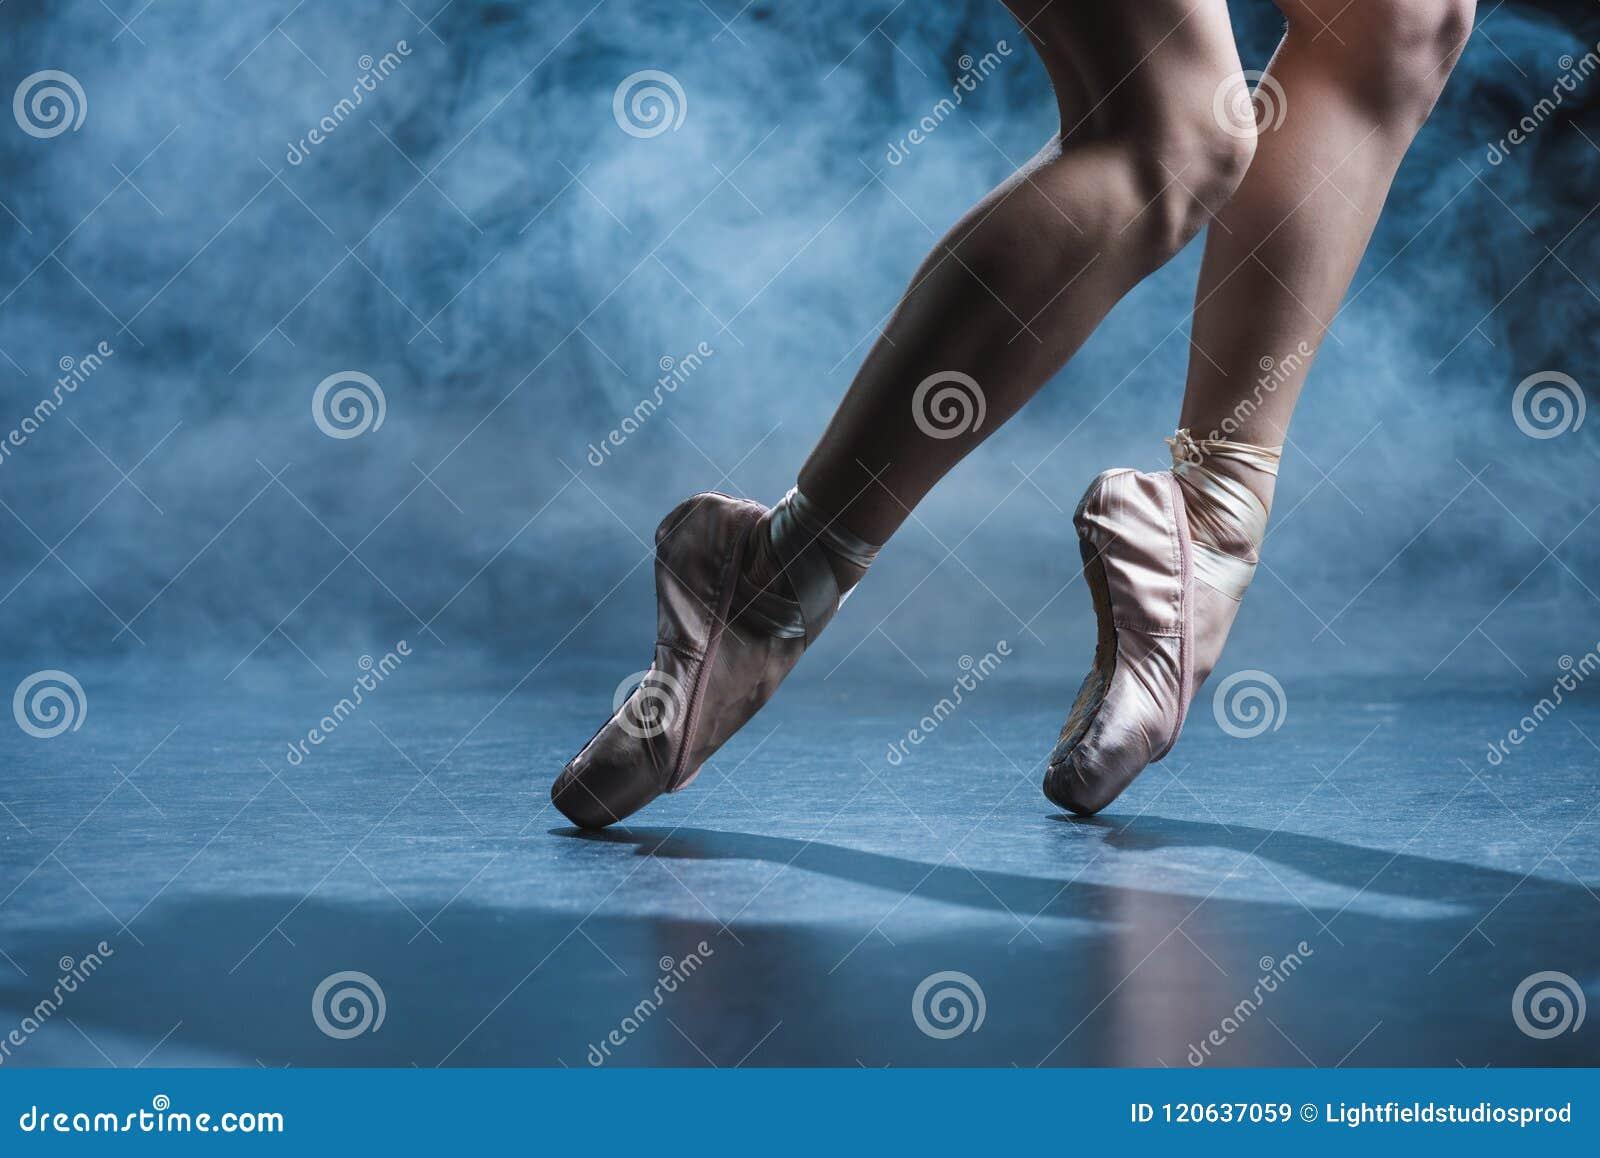 подрезанный взгляд танцев балерины в ботинках pointe в темной студии